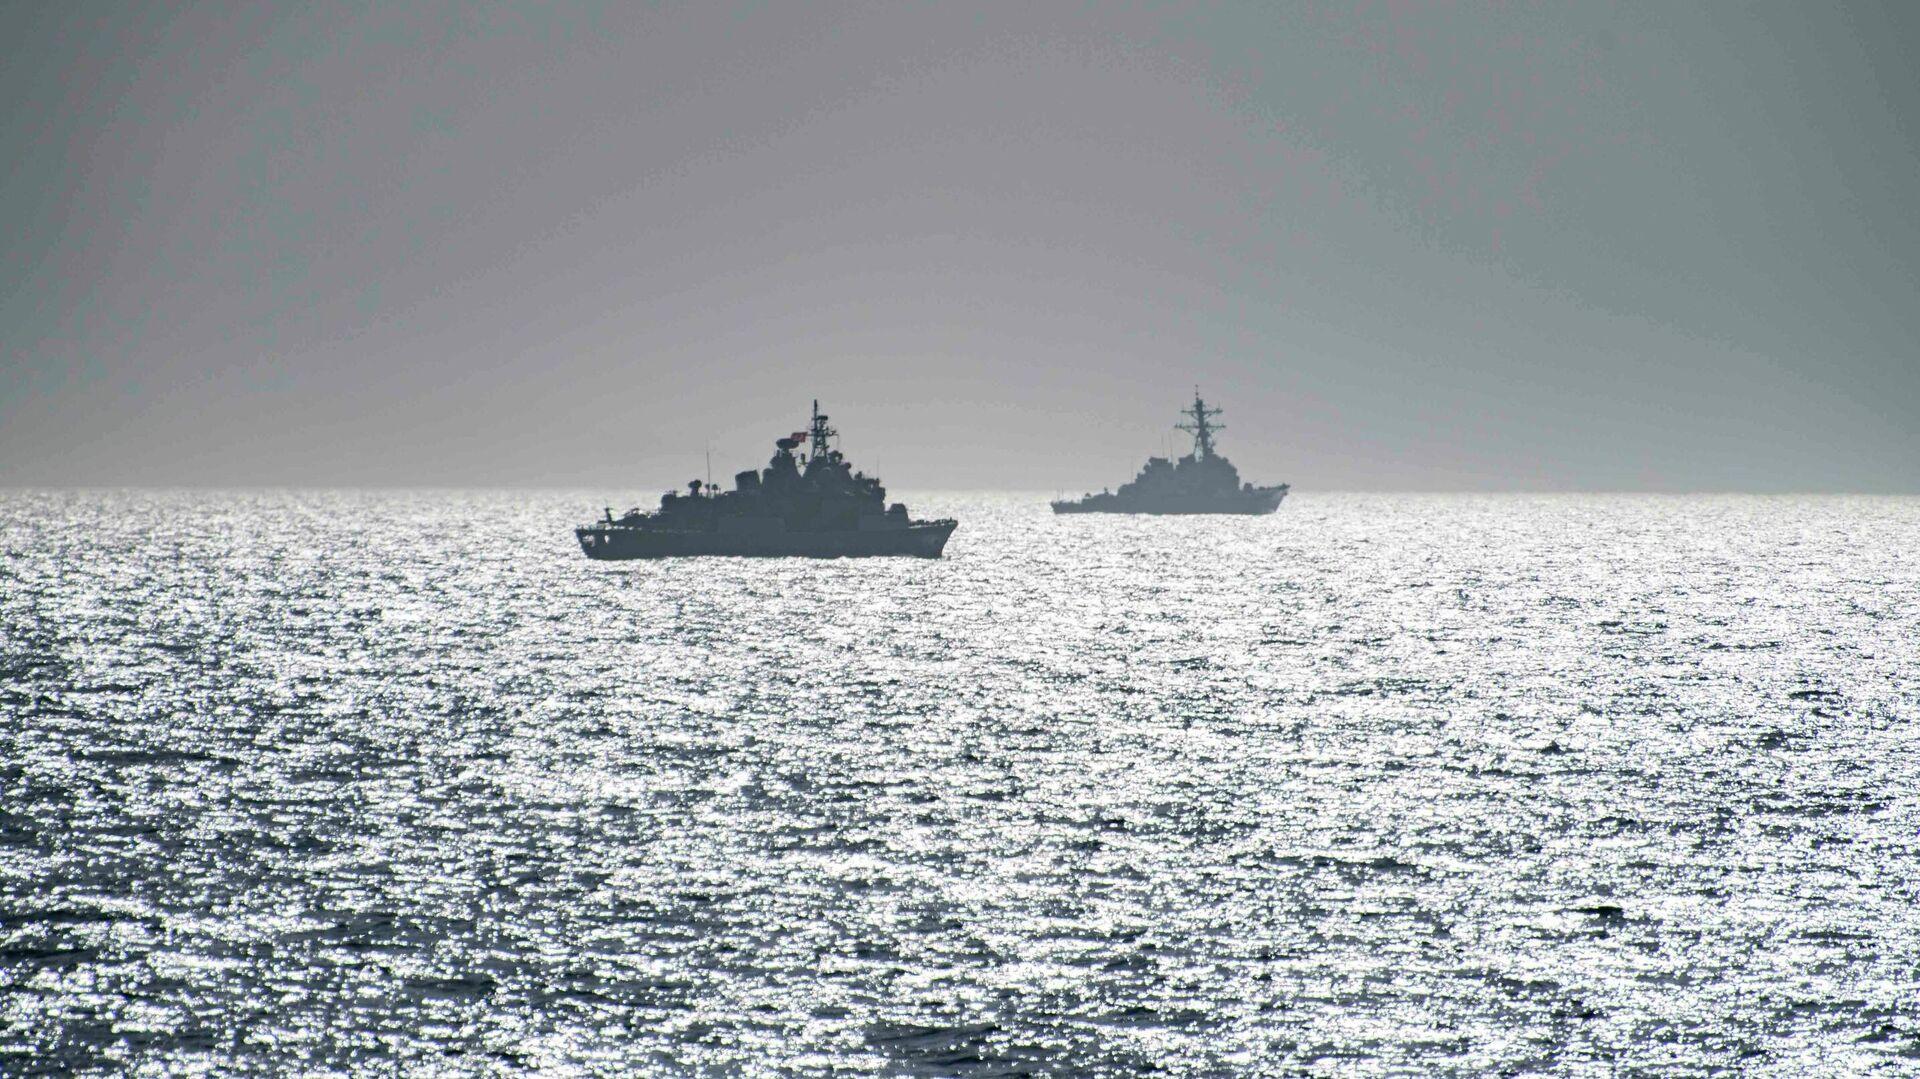 Эсминец ВМС США Портер и фрегат TCG Orucreis турецких ВМС в Черном море - РИА Новости, 1920, 11.02.2021